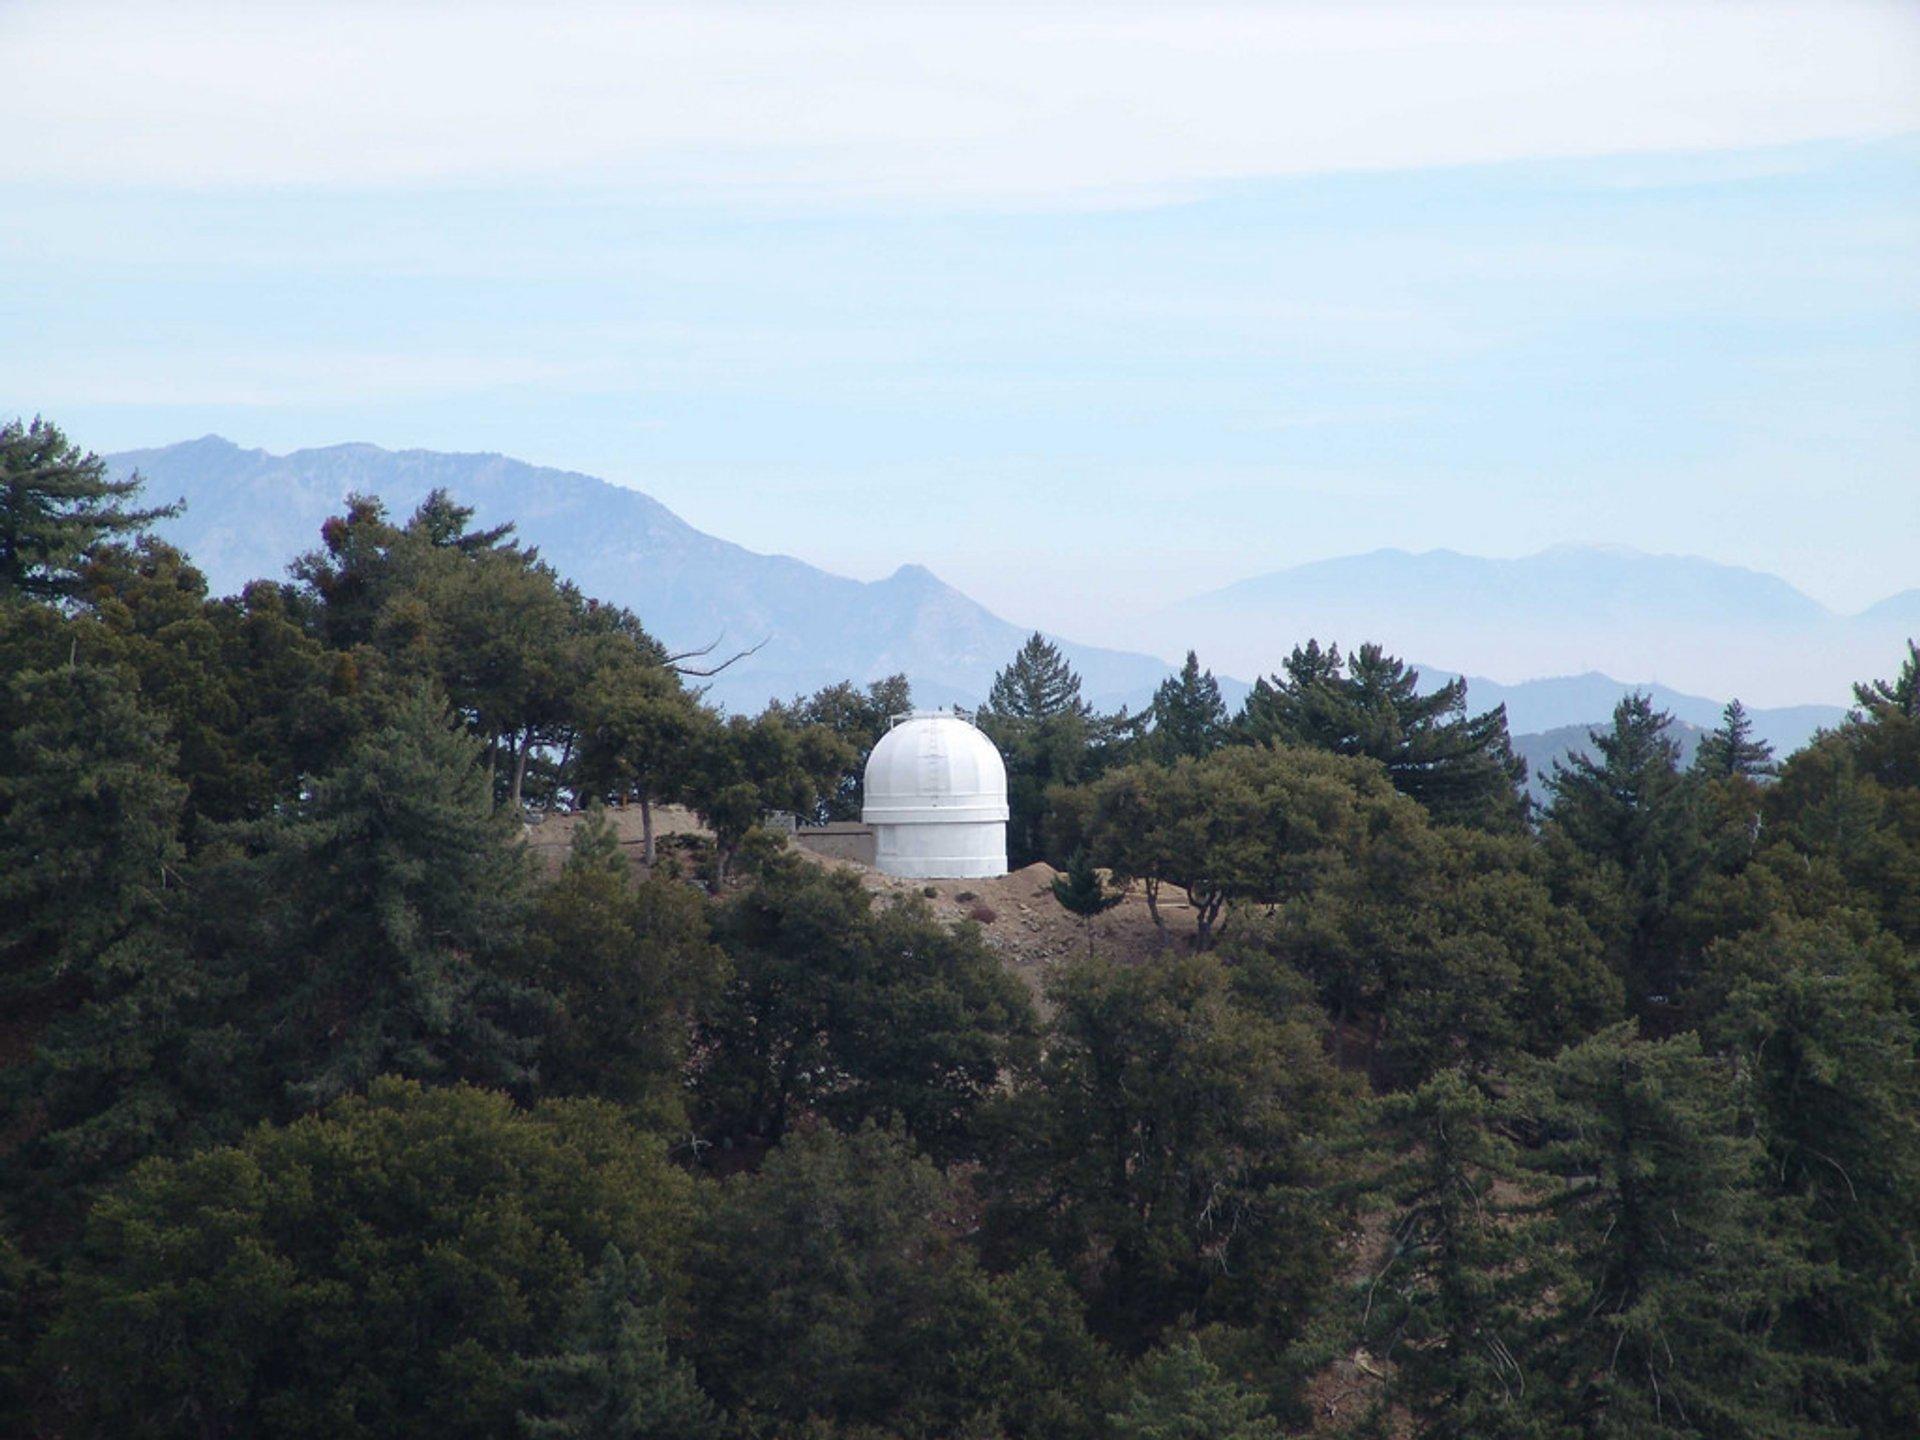 Mount Wilson Observatory in Los Angeles - Best Season 2020